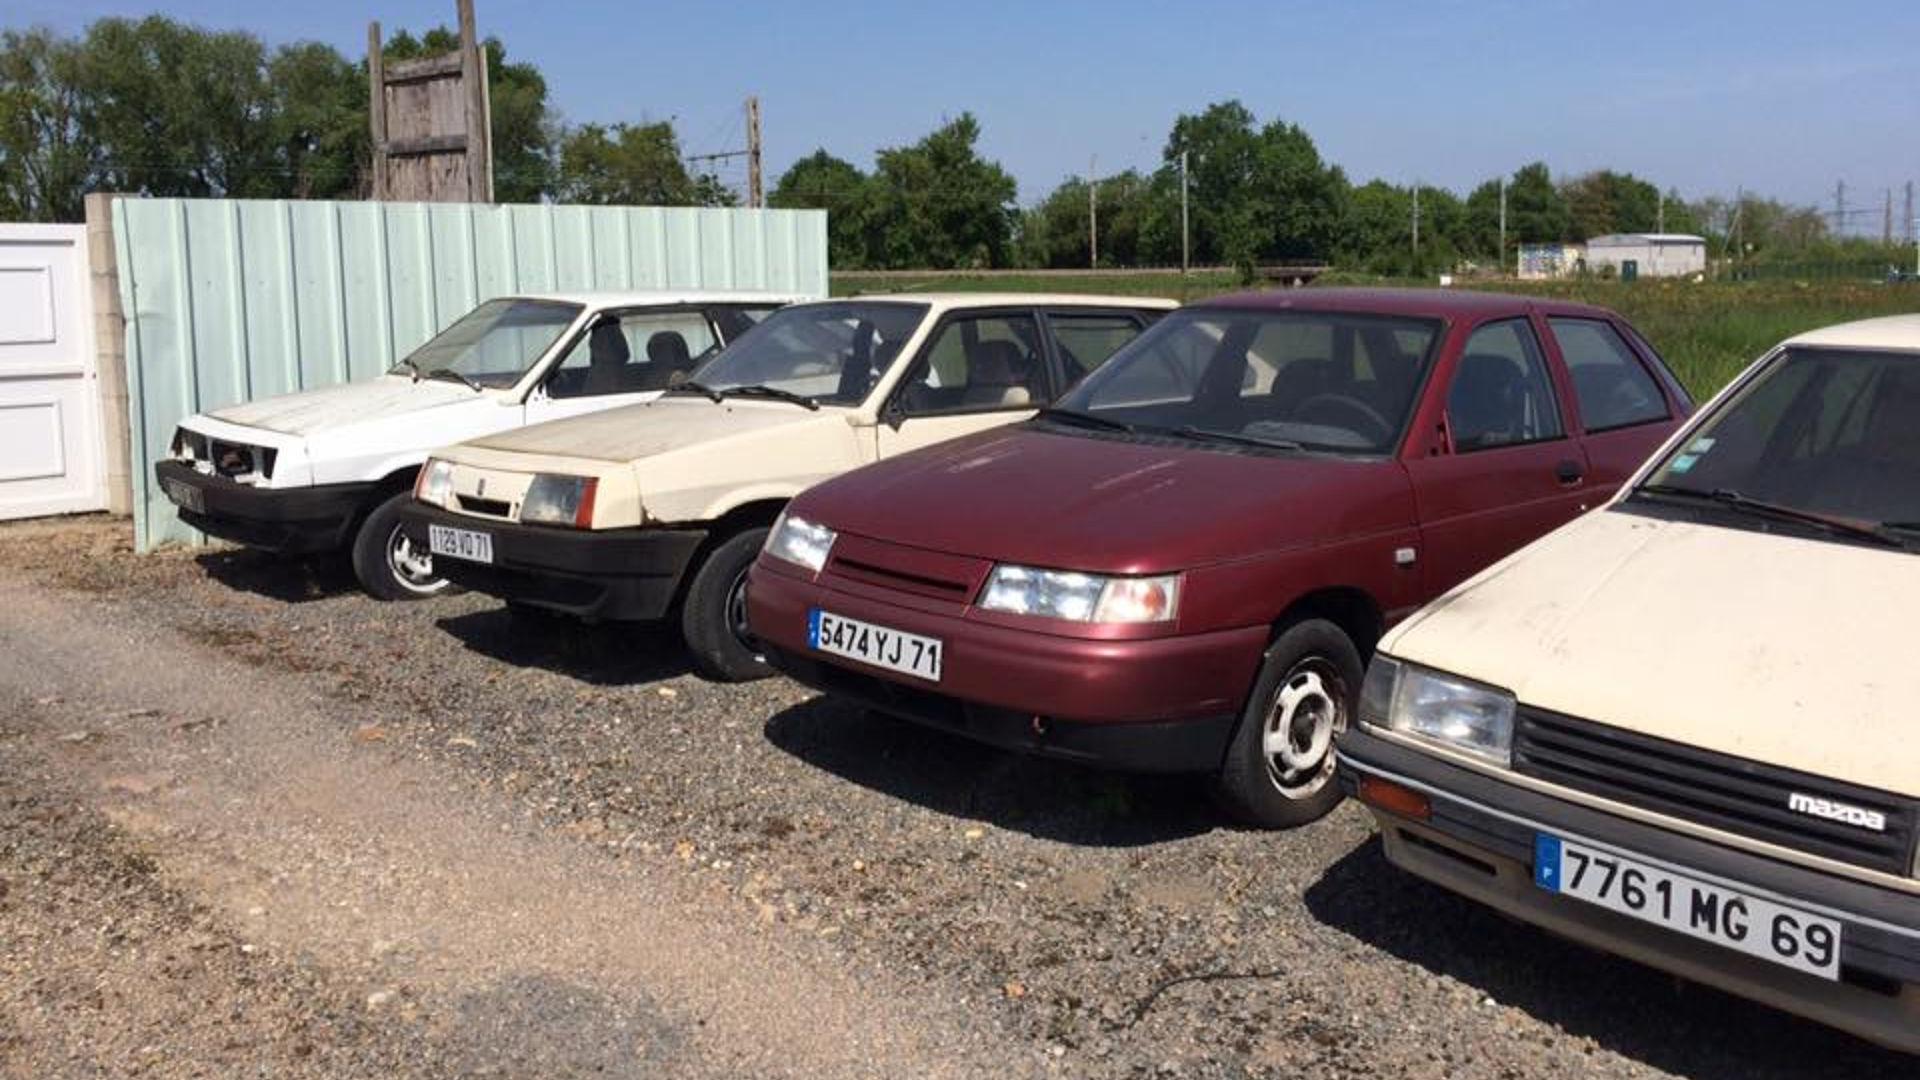 Abandoned_French_Lada_dealership_01